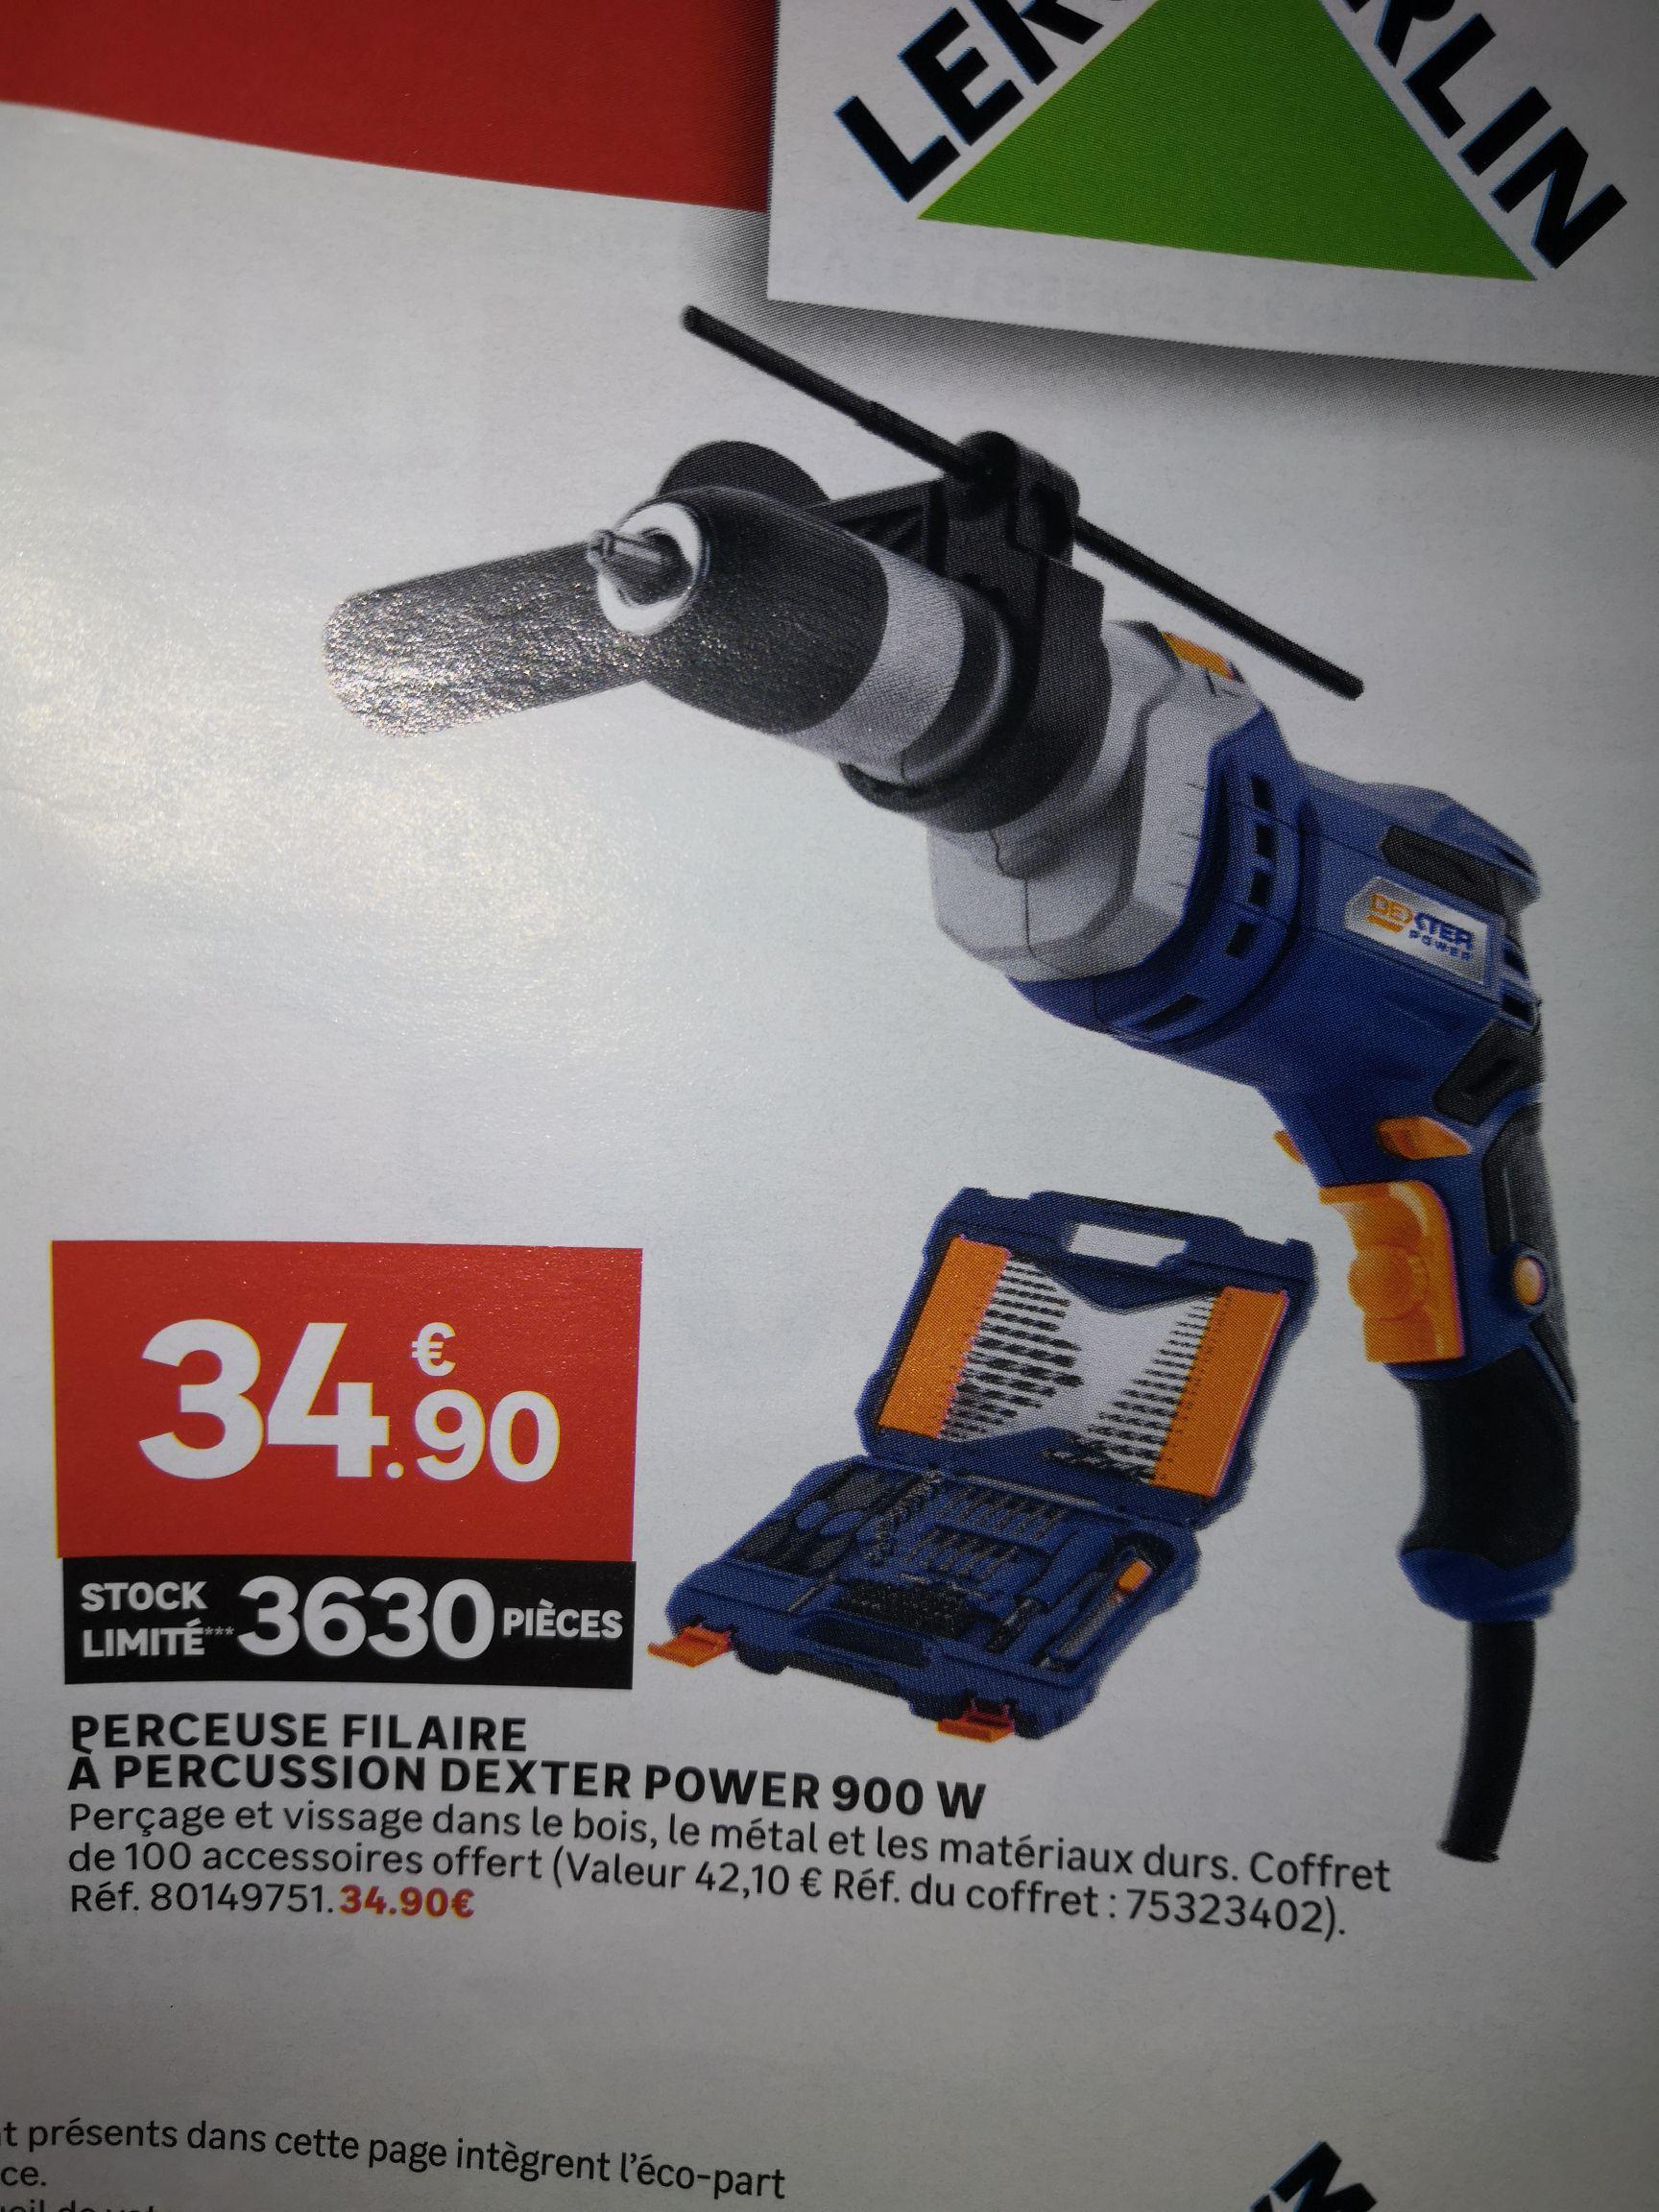 Perceuse filaire a percussion Dexter Power 900W + coffret 100 accessoires